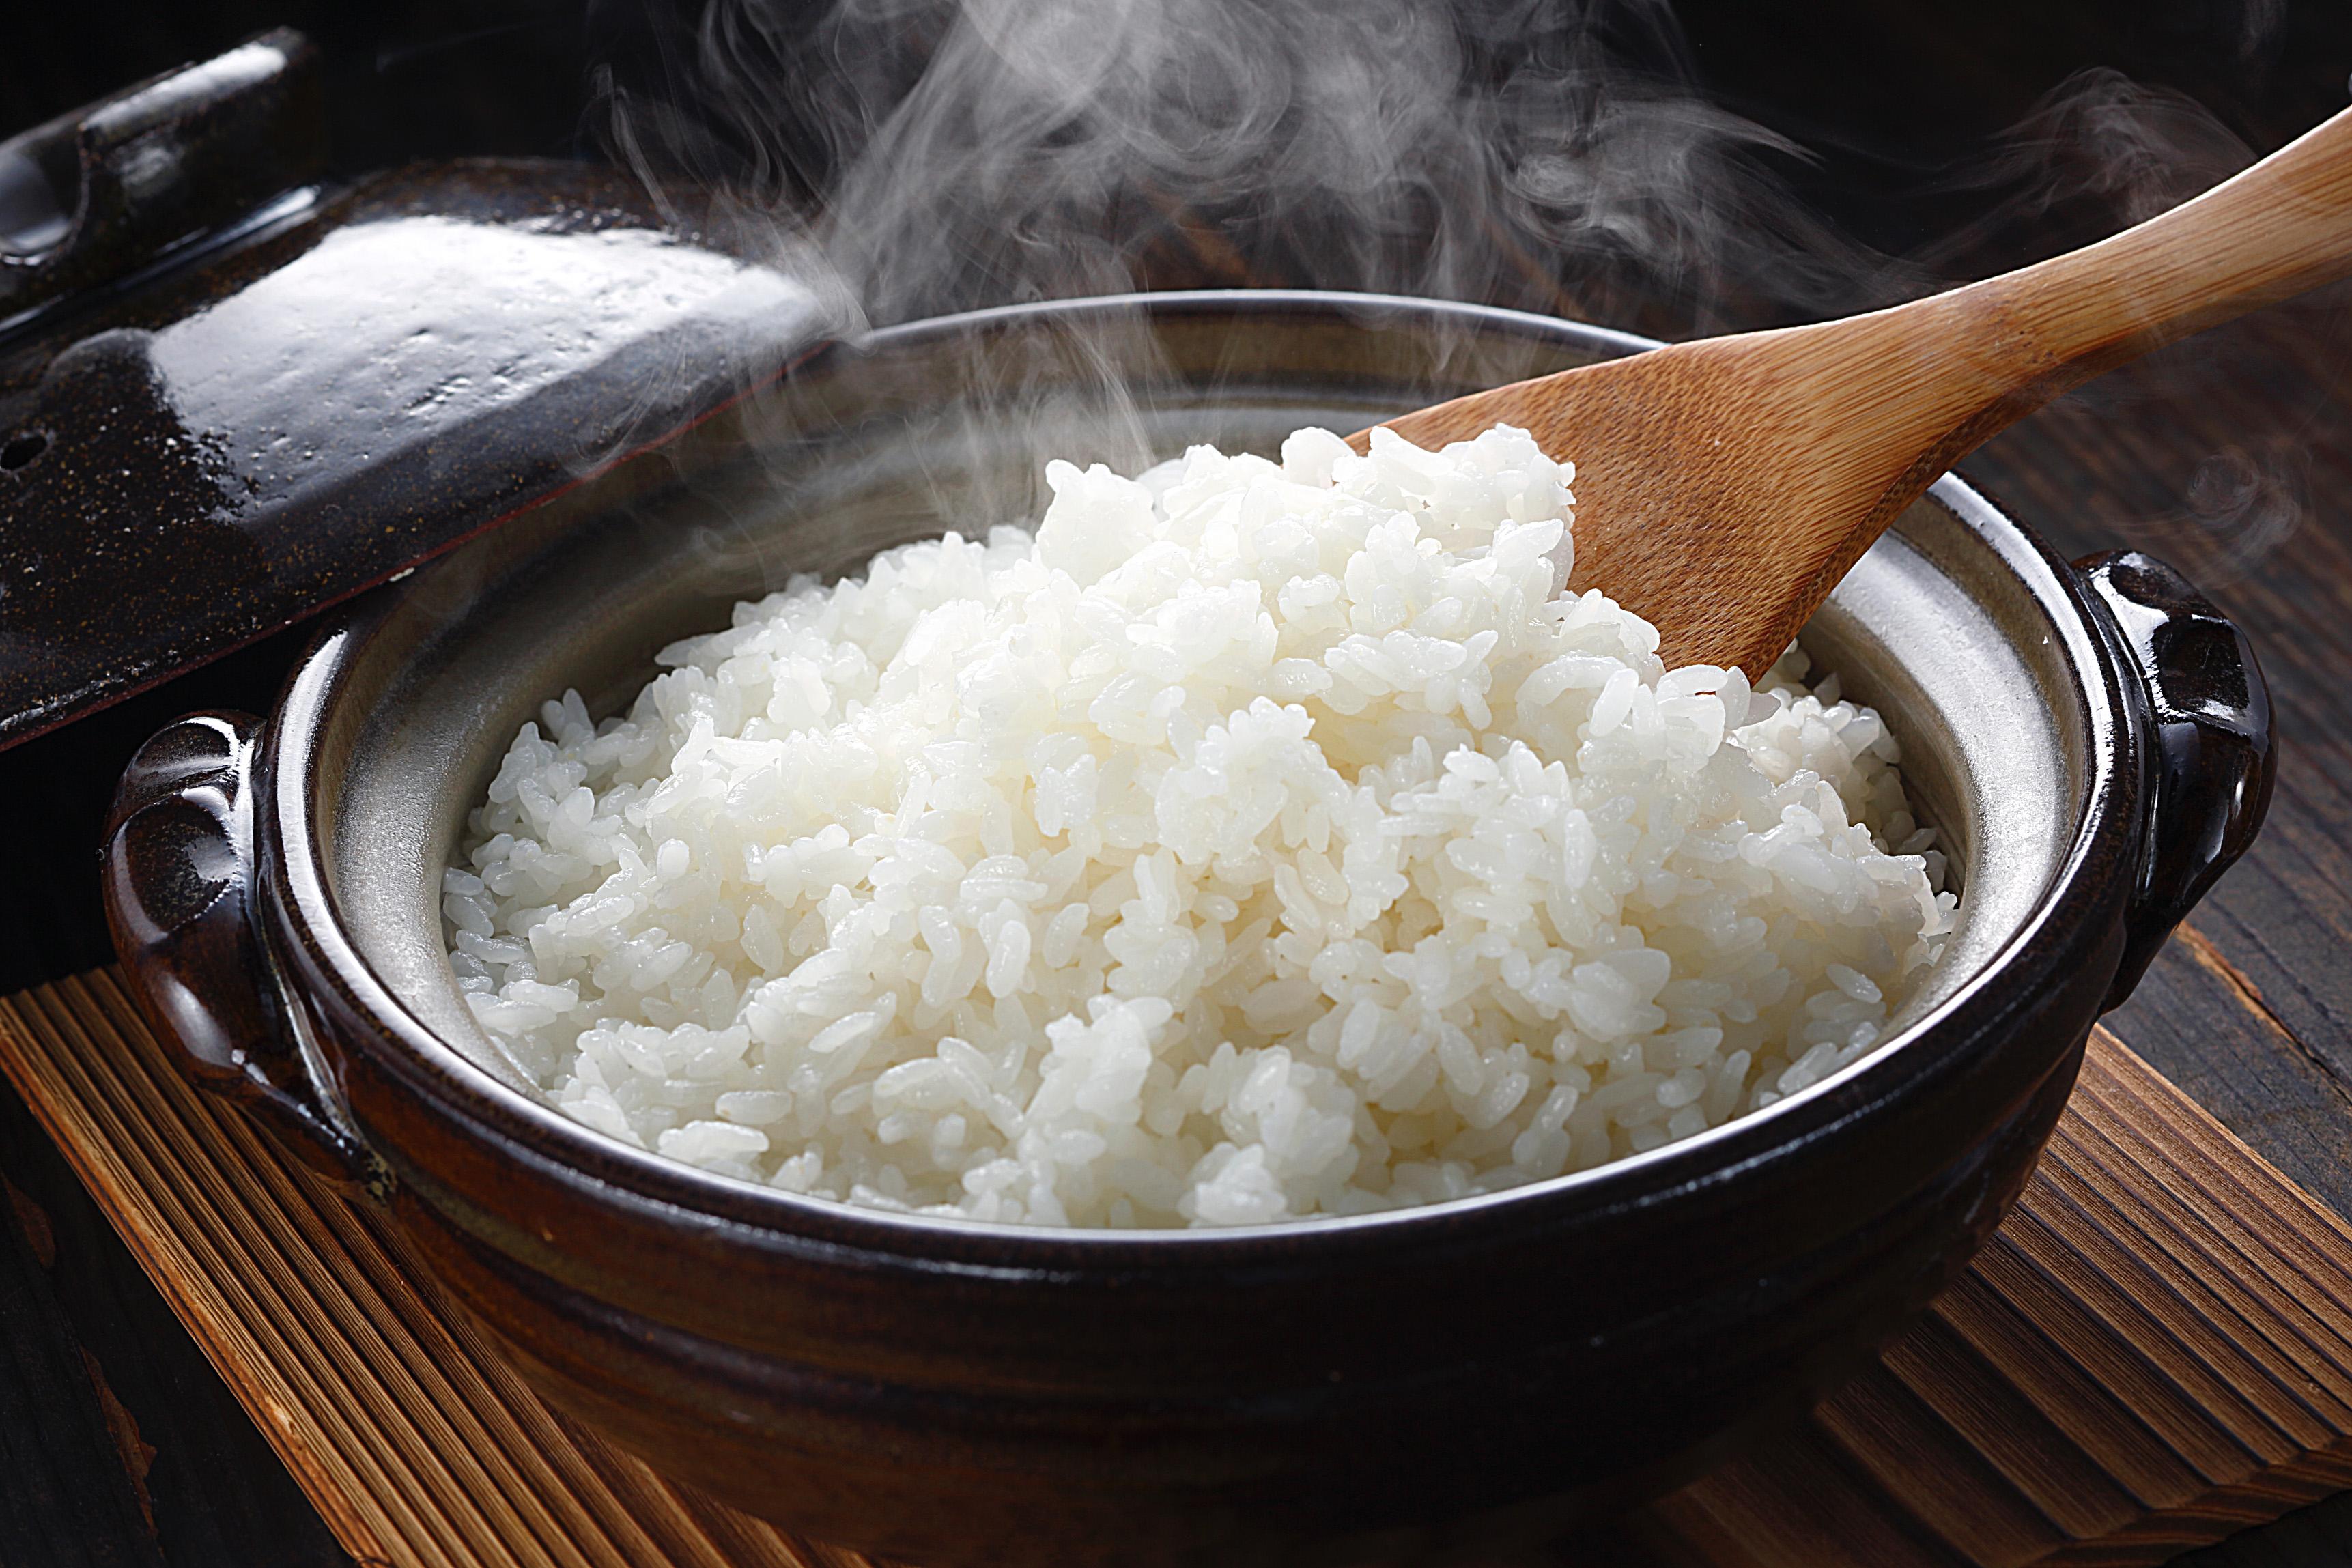 ギフト に 売却 お取り寄せ グルメ 送料無料 御祝 内祝 美味特選米こしひかりセット 代引不可 数量限定アウトレット最安価格